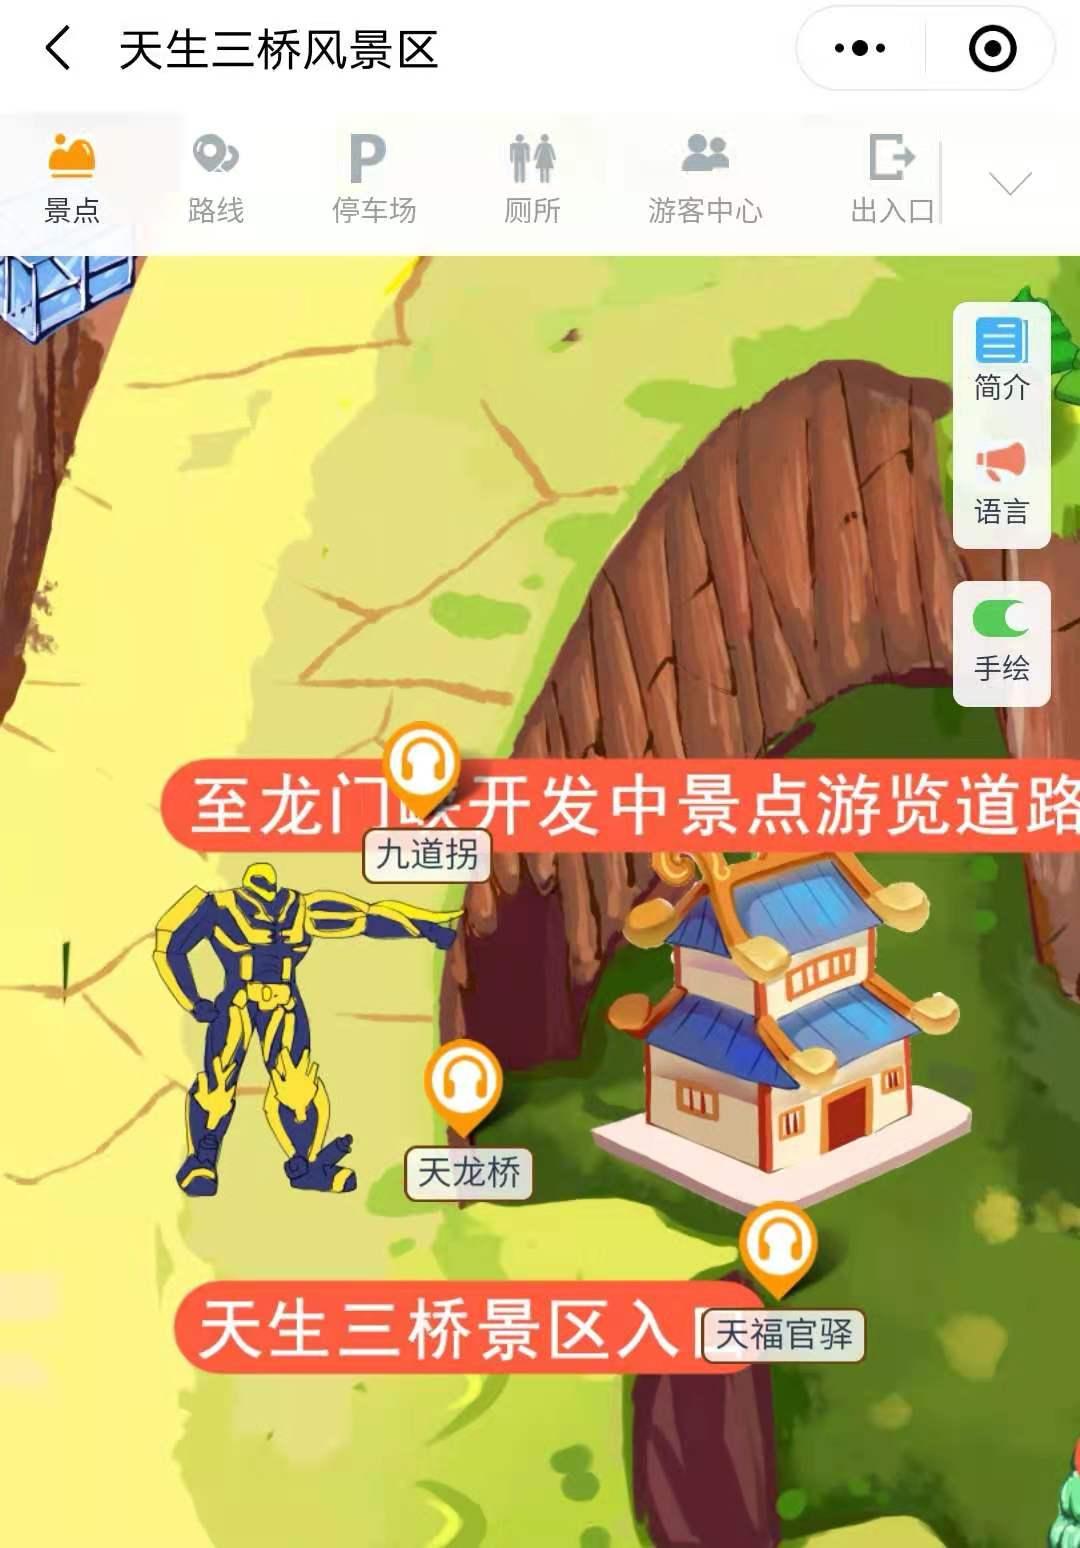 2021年国家5A景区重庆天生三桥手绘地图,电子导览,语音讲解系统上线.jpg